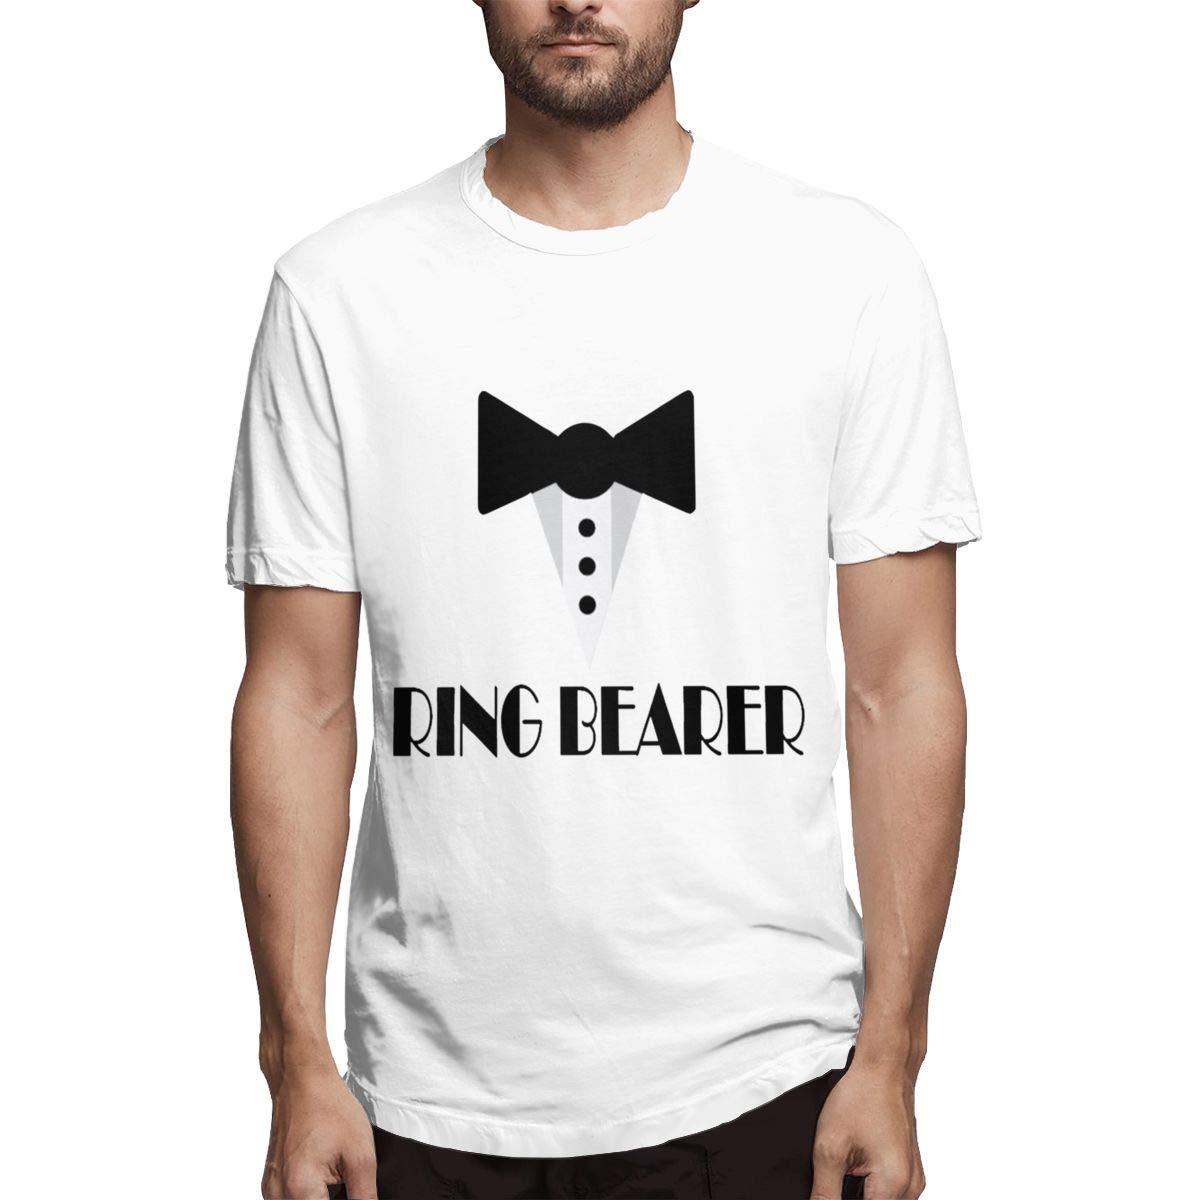 LANBRELLA Mens Ring Bearer Ringbearer Wedding Party Ultra Soft Crew-Neck Short Sleeve T-Shirt for Mens